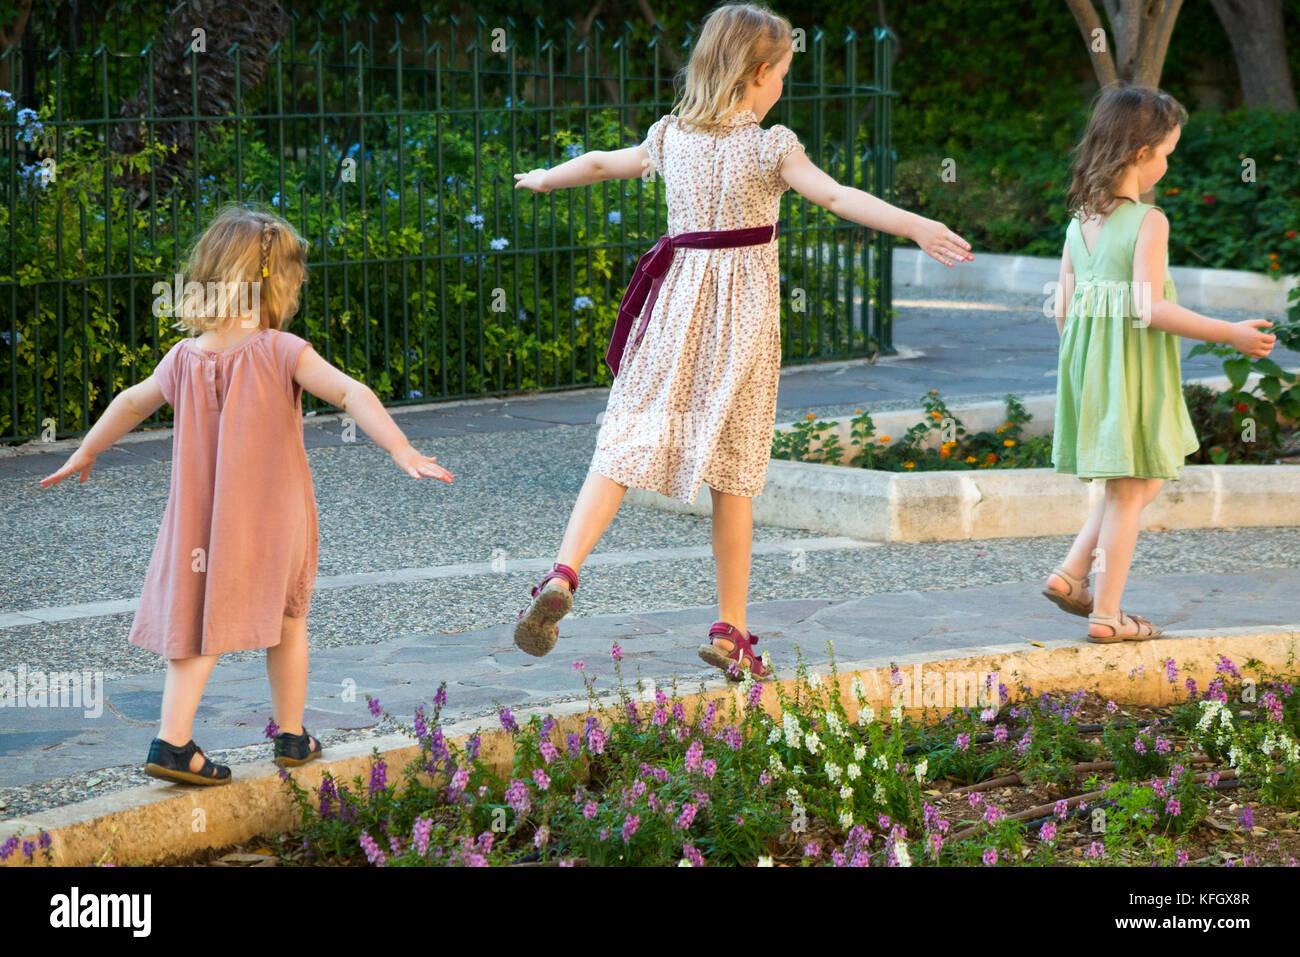 Tres jóvenes hermanas / niñas / Niños / kids / kid entre 7, 3 y 5 años, el saldo de vacaciones Imagen De Stock